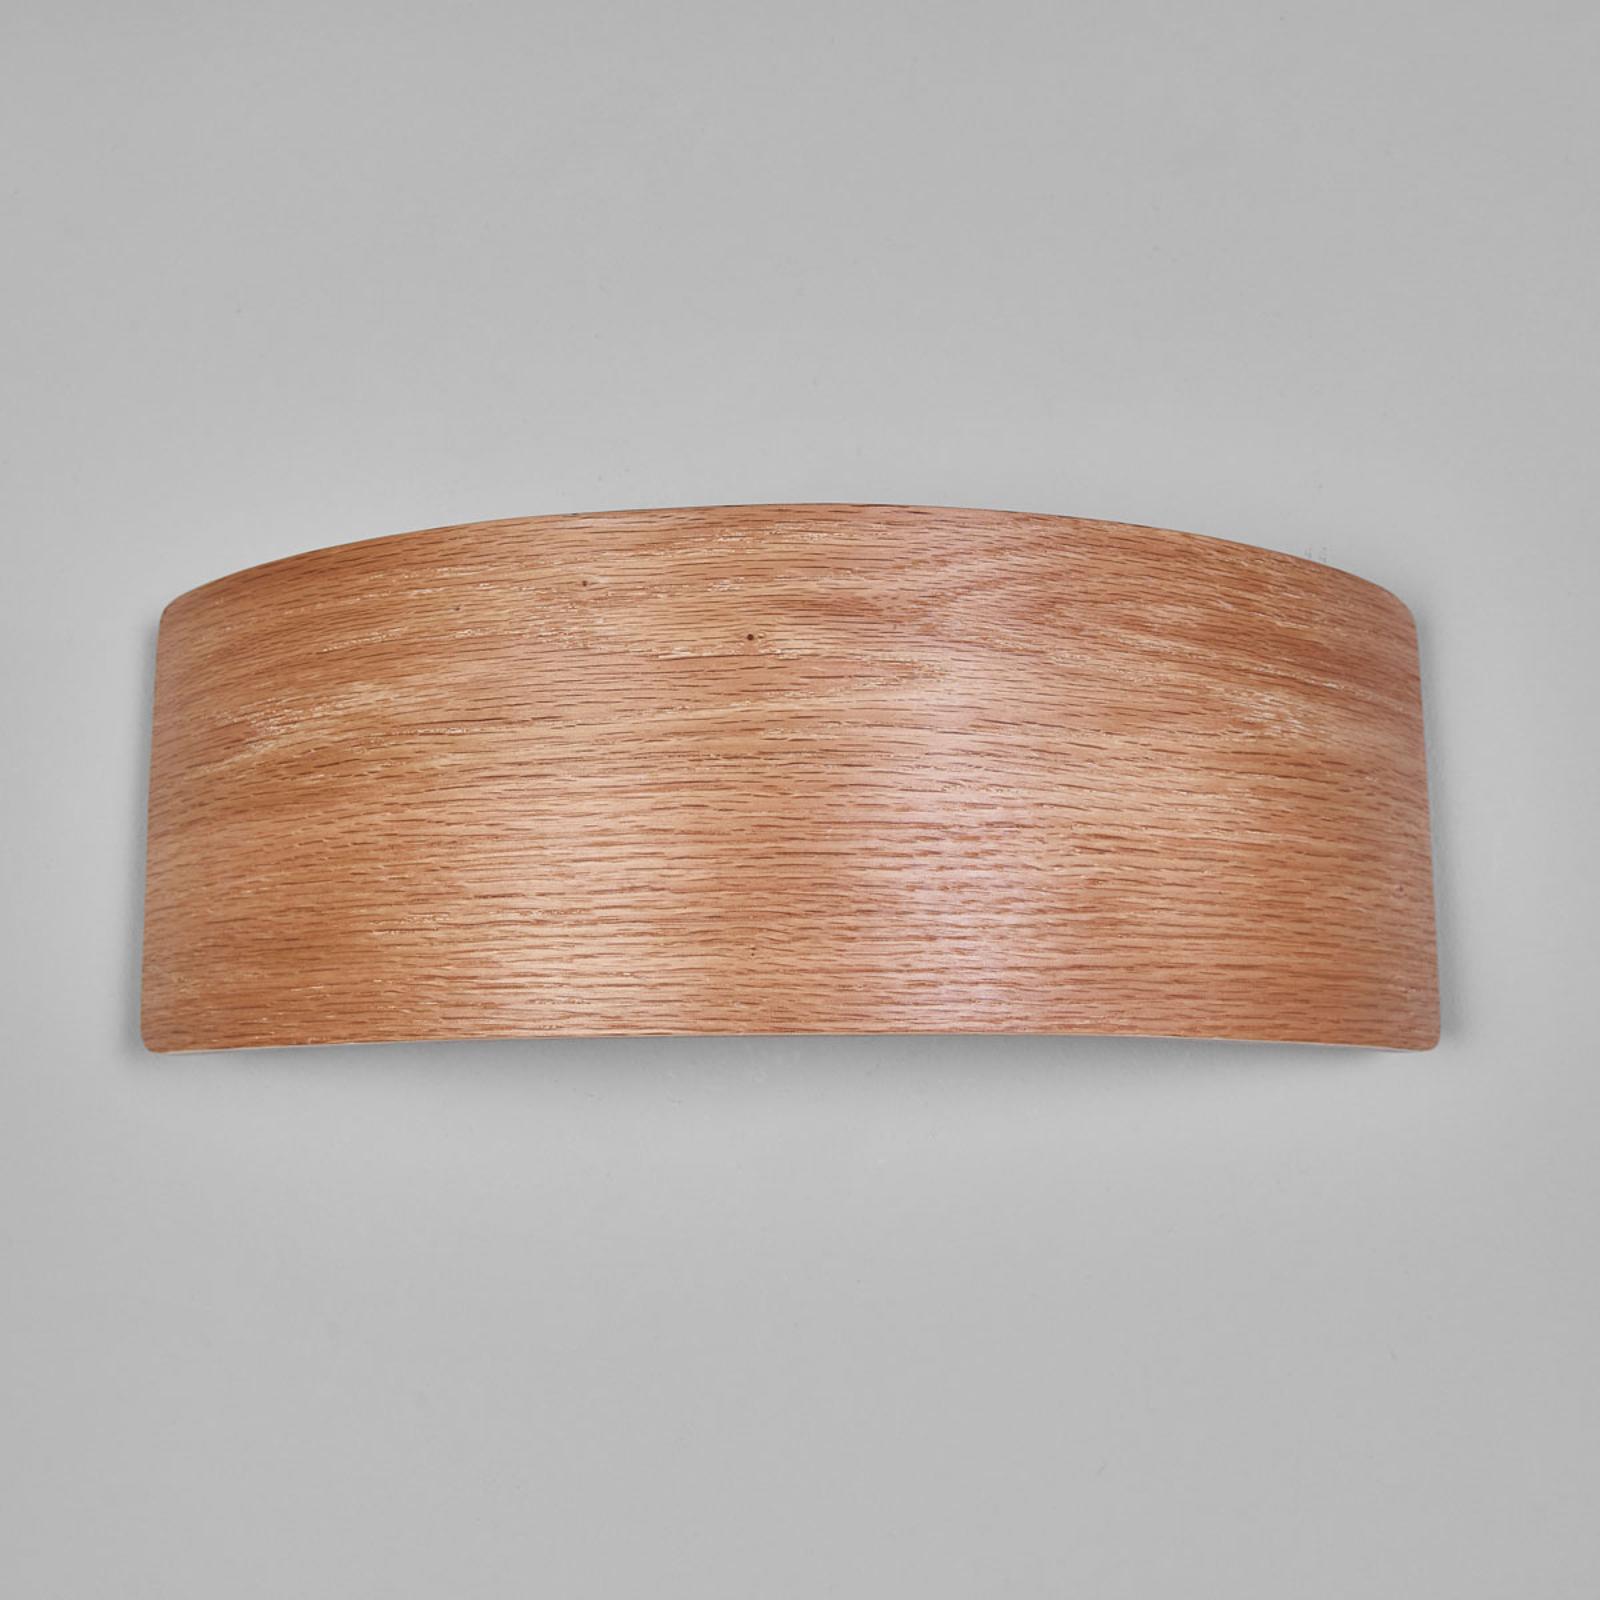 LED nástěnné světlo Rafailia 33 cm, dřevo